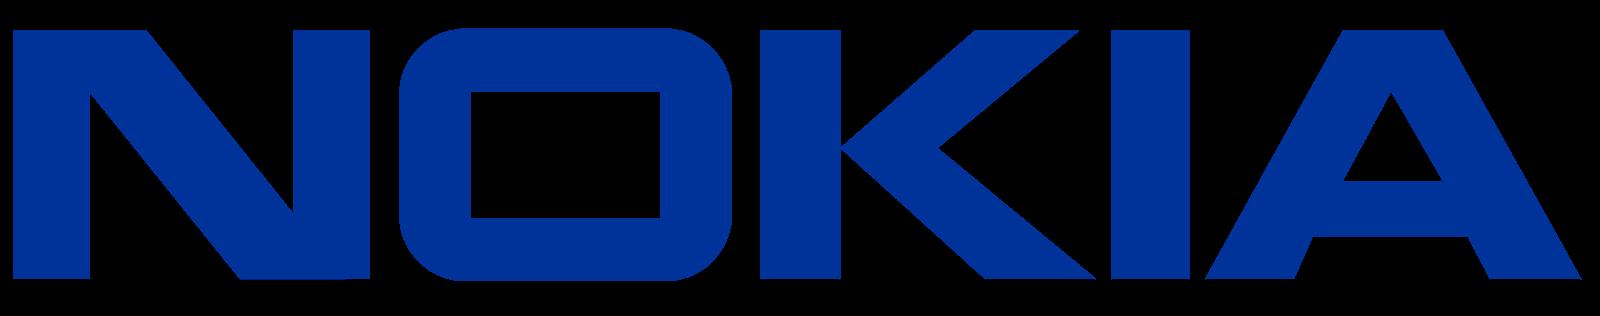 logo nokia jpg png #1477